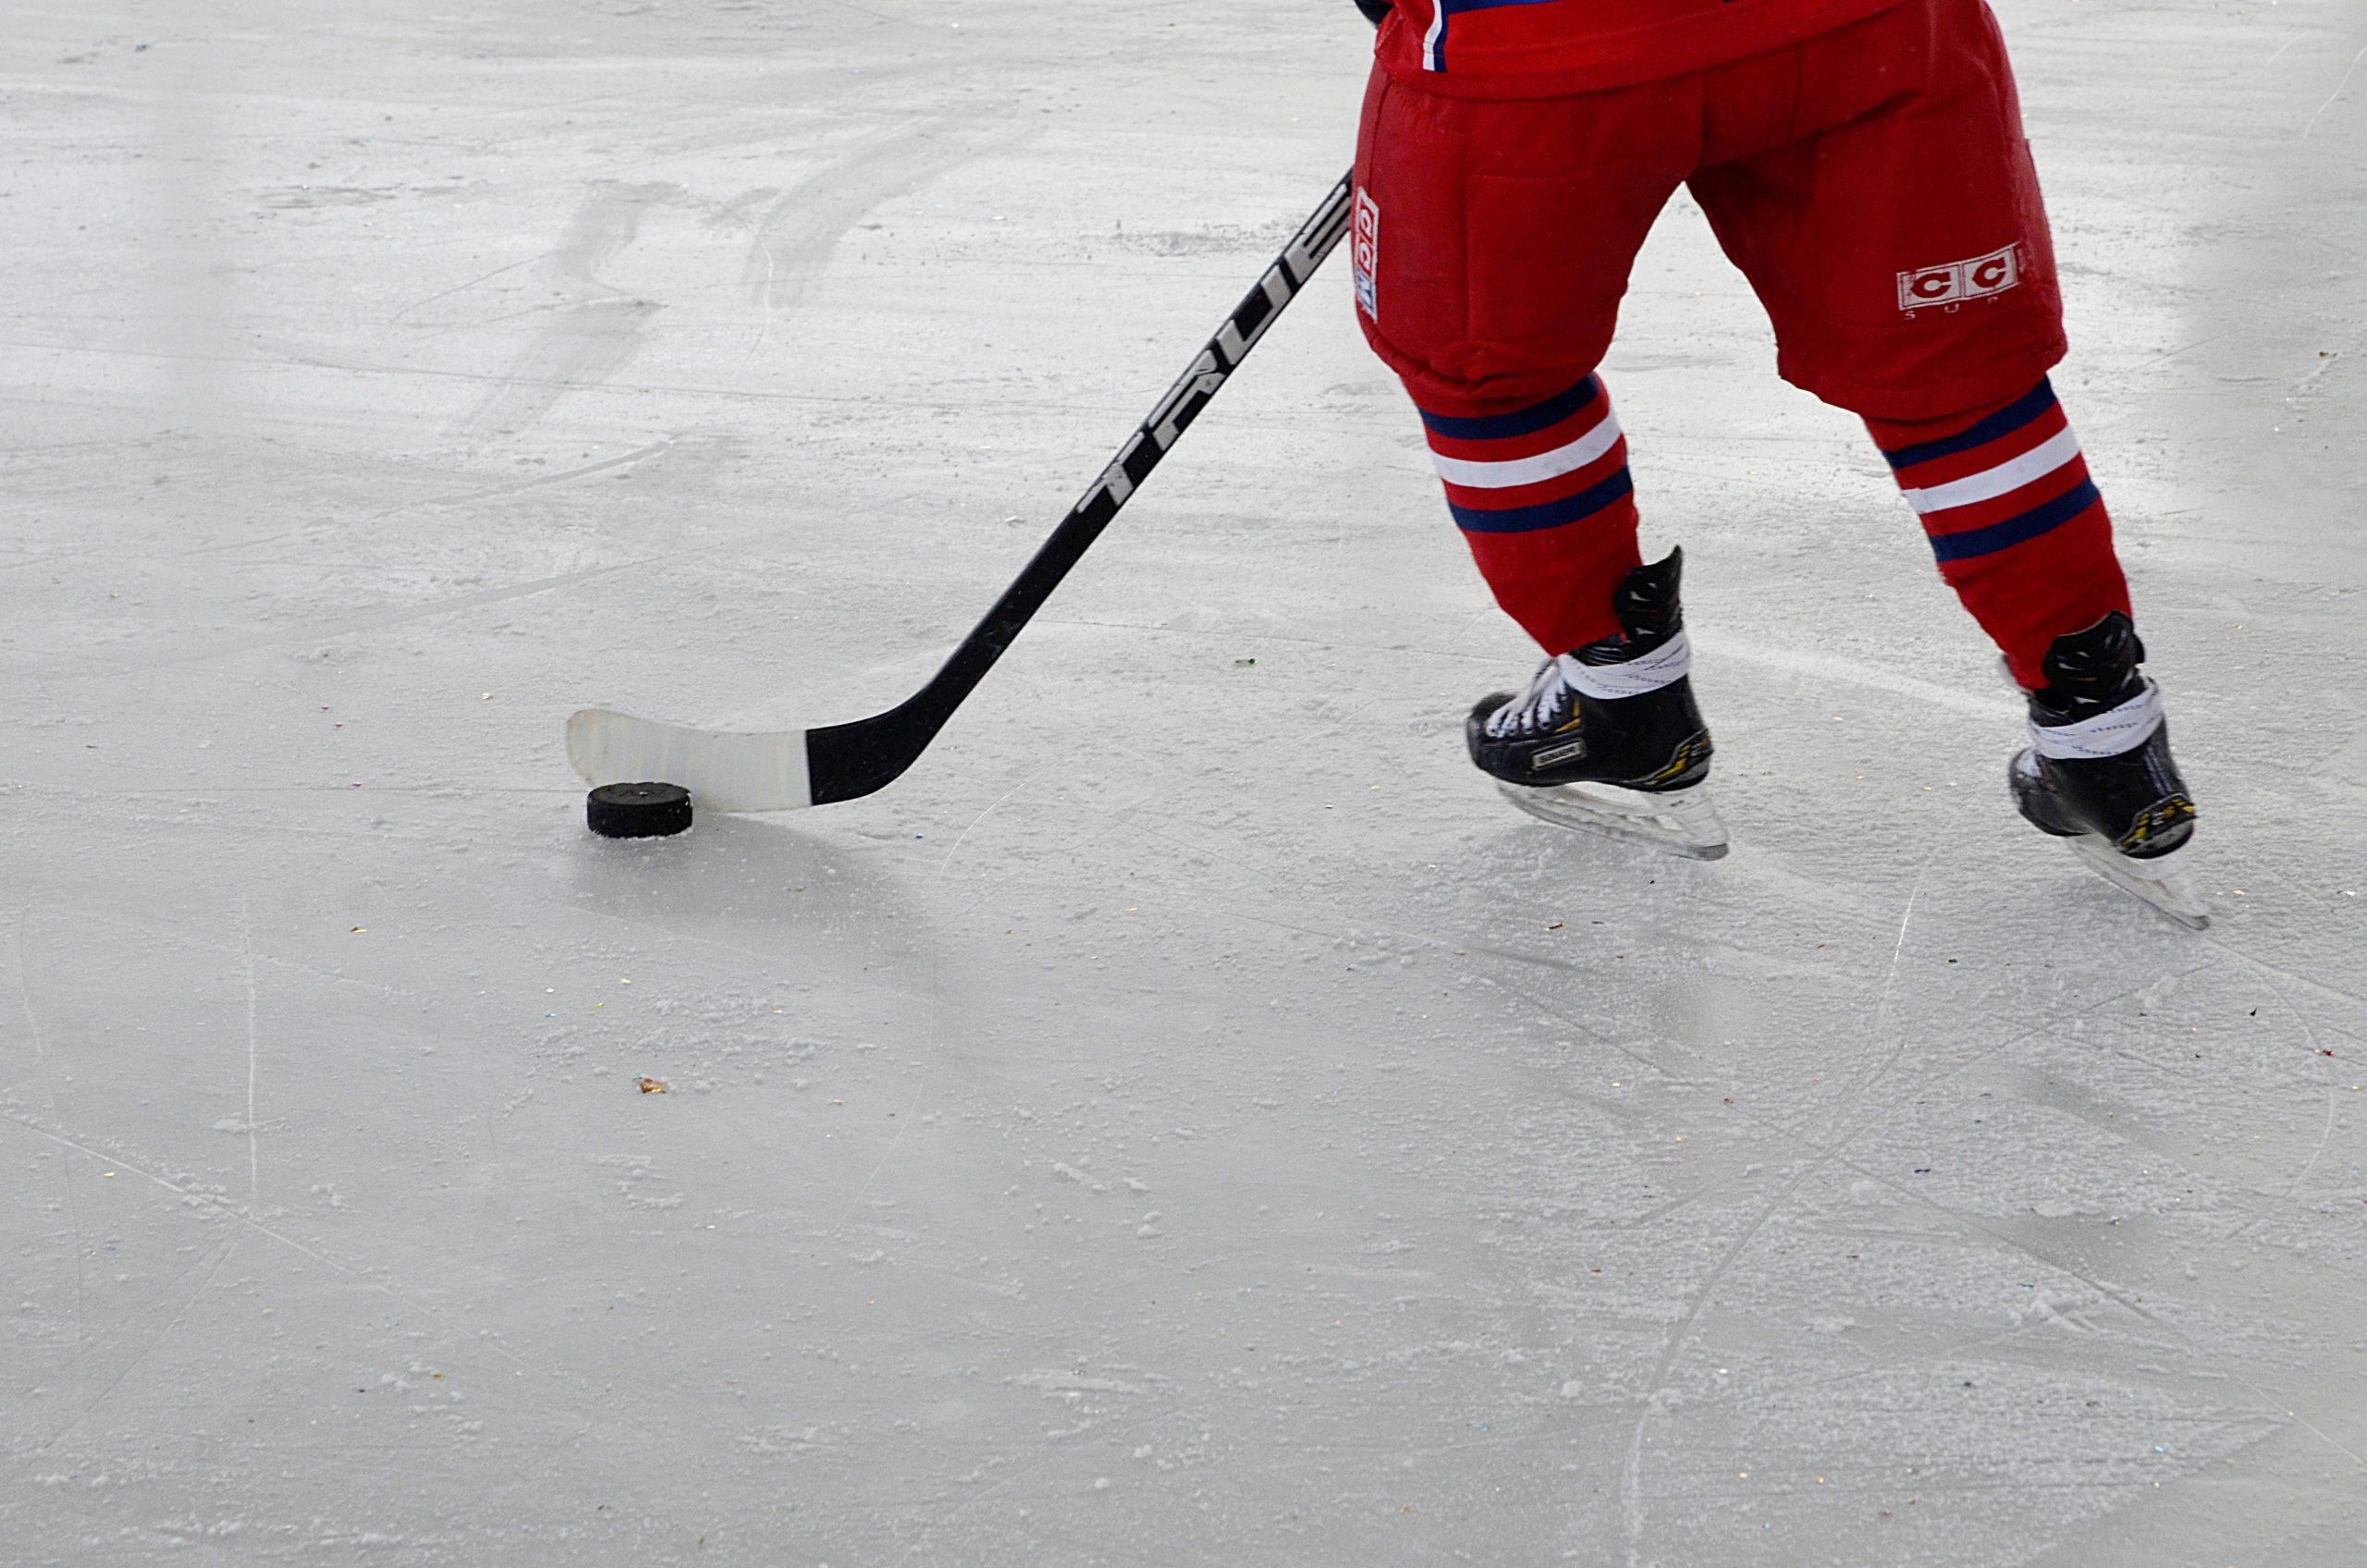 Спортсмены поселения Кленовское вышли в полуфинал спартакиады по хоккею